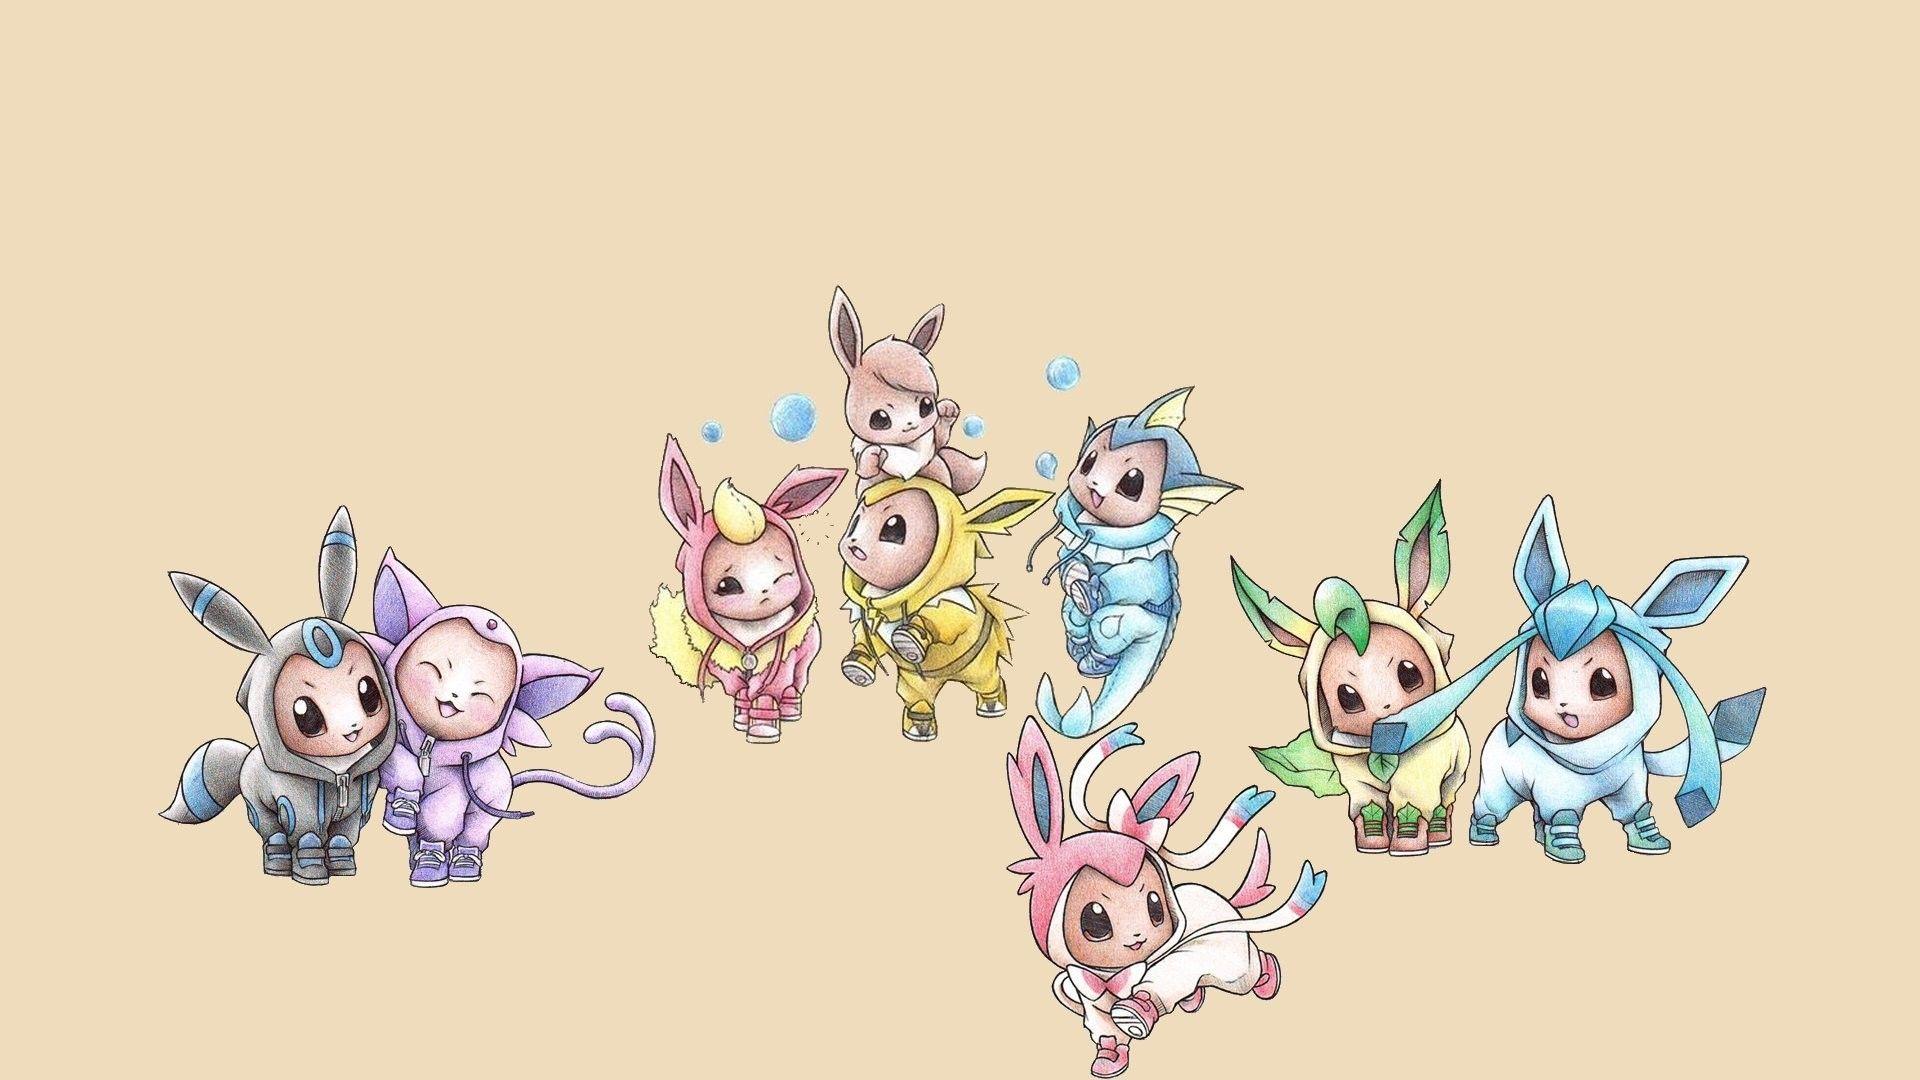 Pokemon Phone Eevee Hd Wallpapers Wallpapers Backgrounds Images Art Photos Eevee Wallpaper Pokemon Flareon Eevee